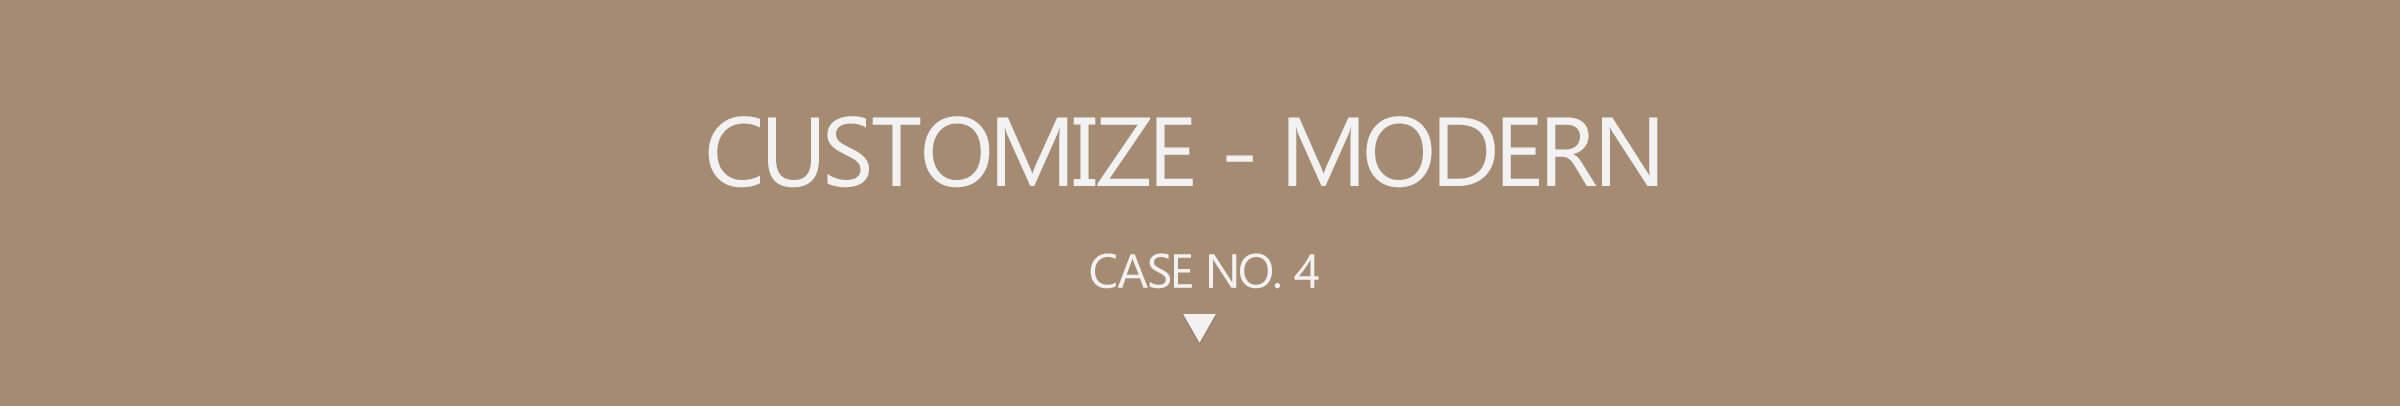 Mobile Shop Case 4